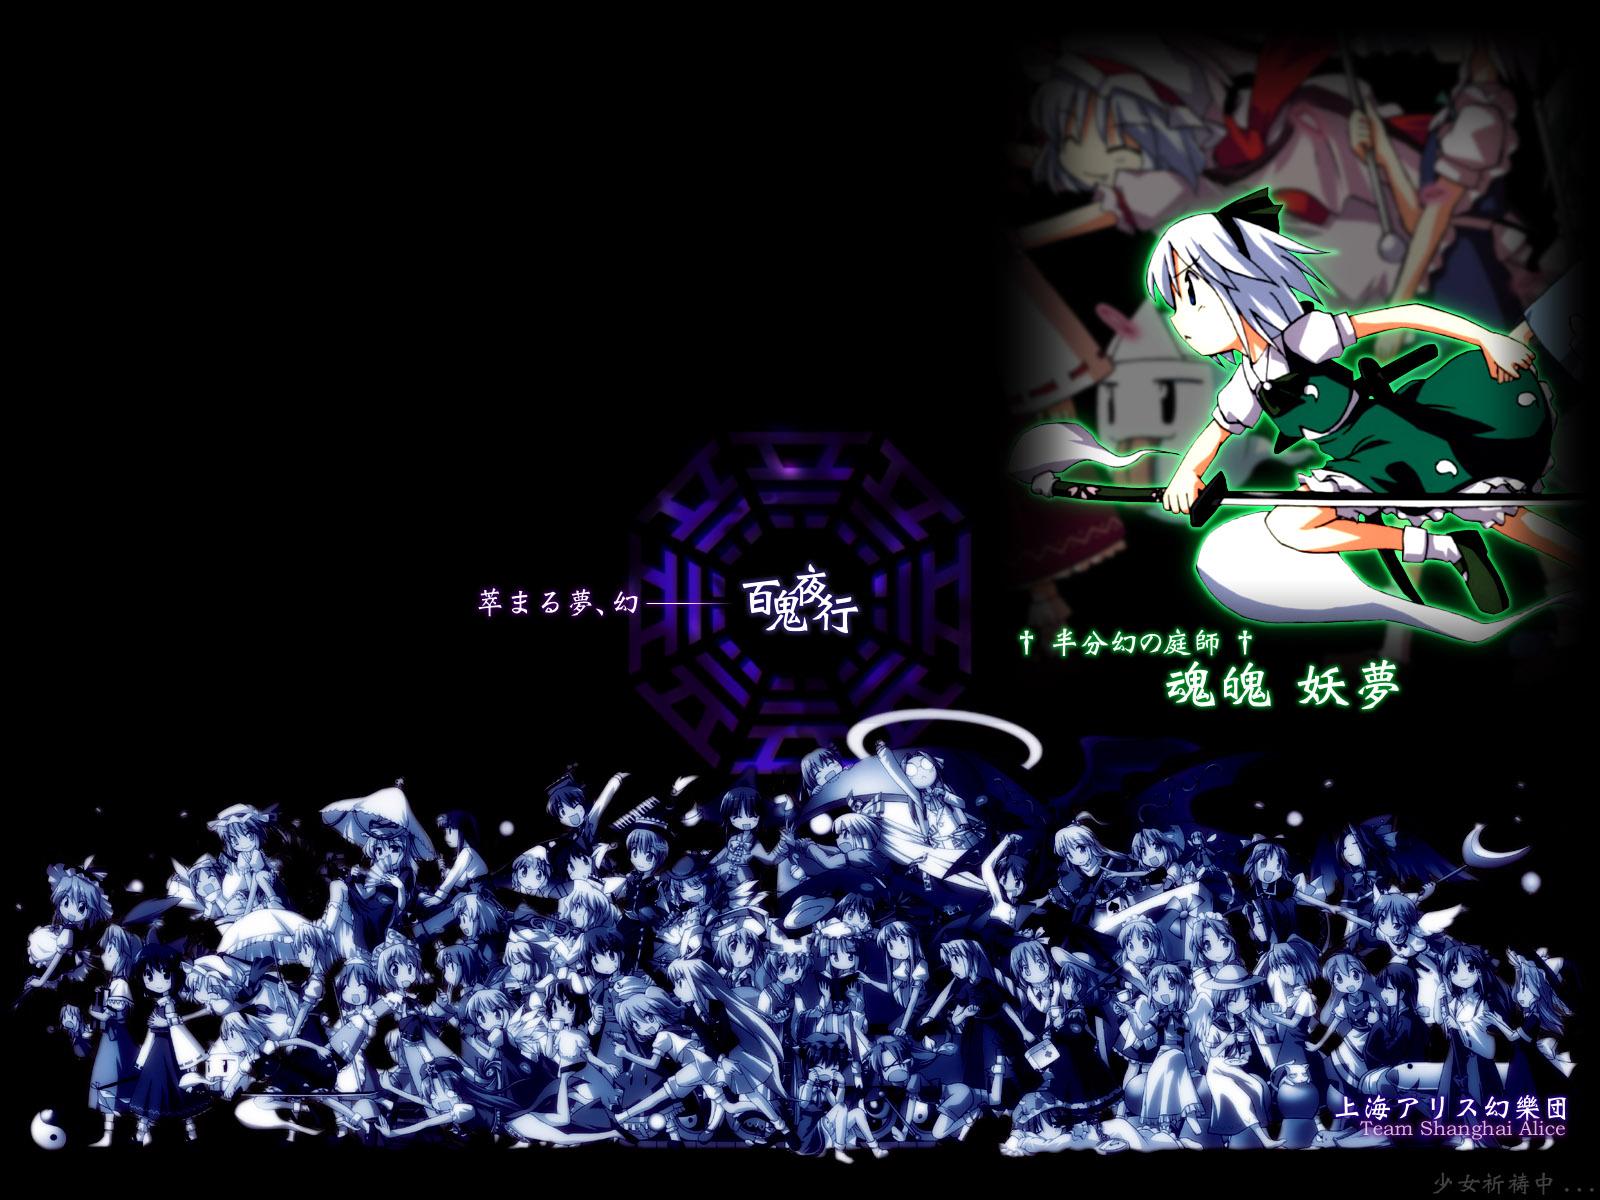 alice_margatroid animal_ears asakura_rikako bakebake bunny_ears bunnygirl catgirl chen cirno daiyousei demon doll ellen elly fairy flandre_scarlet foxgirl fujiwara_no_mokou gengetsu genjii hakurei_reimu hong_meiling hoshizako houraisan_kaguya inaba_tewi izayoi_sakuya japanese_clothes kamishirasawa_keine kana_anaberal katana kazami_yuuka kirisame_marisa kitashirakawa_chiyuri koakuma konpaku_youmu kotohime kurumi_(touhou) letty_whiterock lily_white luize lunasa_prismriver lyrica_prismriver maid mai_(touhou) male maribel_han meira merlin_prismriver miko mima mimi-chan morichika_rinnosuke mugetsu_(touhou) myon mystia_lorelei okazaki_yumemi orange_(touhou) patchouli_knowledge reisen_udongein_inaba remilia_scarlet rika_(touhou) rumia ruukoto saigyouji_yuyuko sara shanghai_doll shinki sokrates_(touhou) sword tokiko toto_nemigi touhou usami_renko vampire weapon witch wriggle_nightbug yagokoro_eirin yakumo_ran yakumo_yukari yuki_(touhou) yumeko